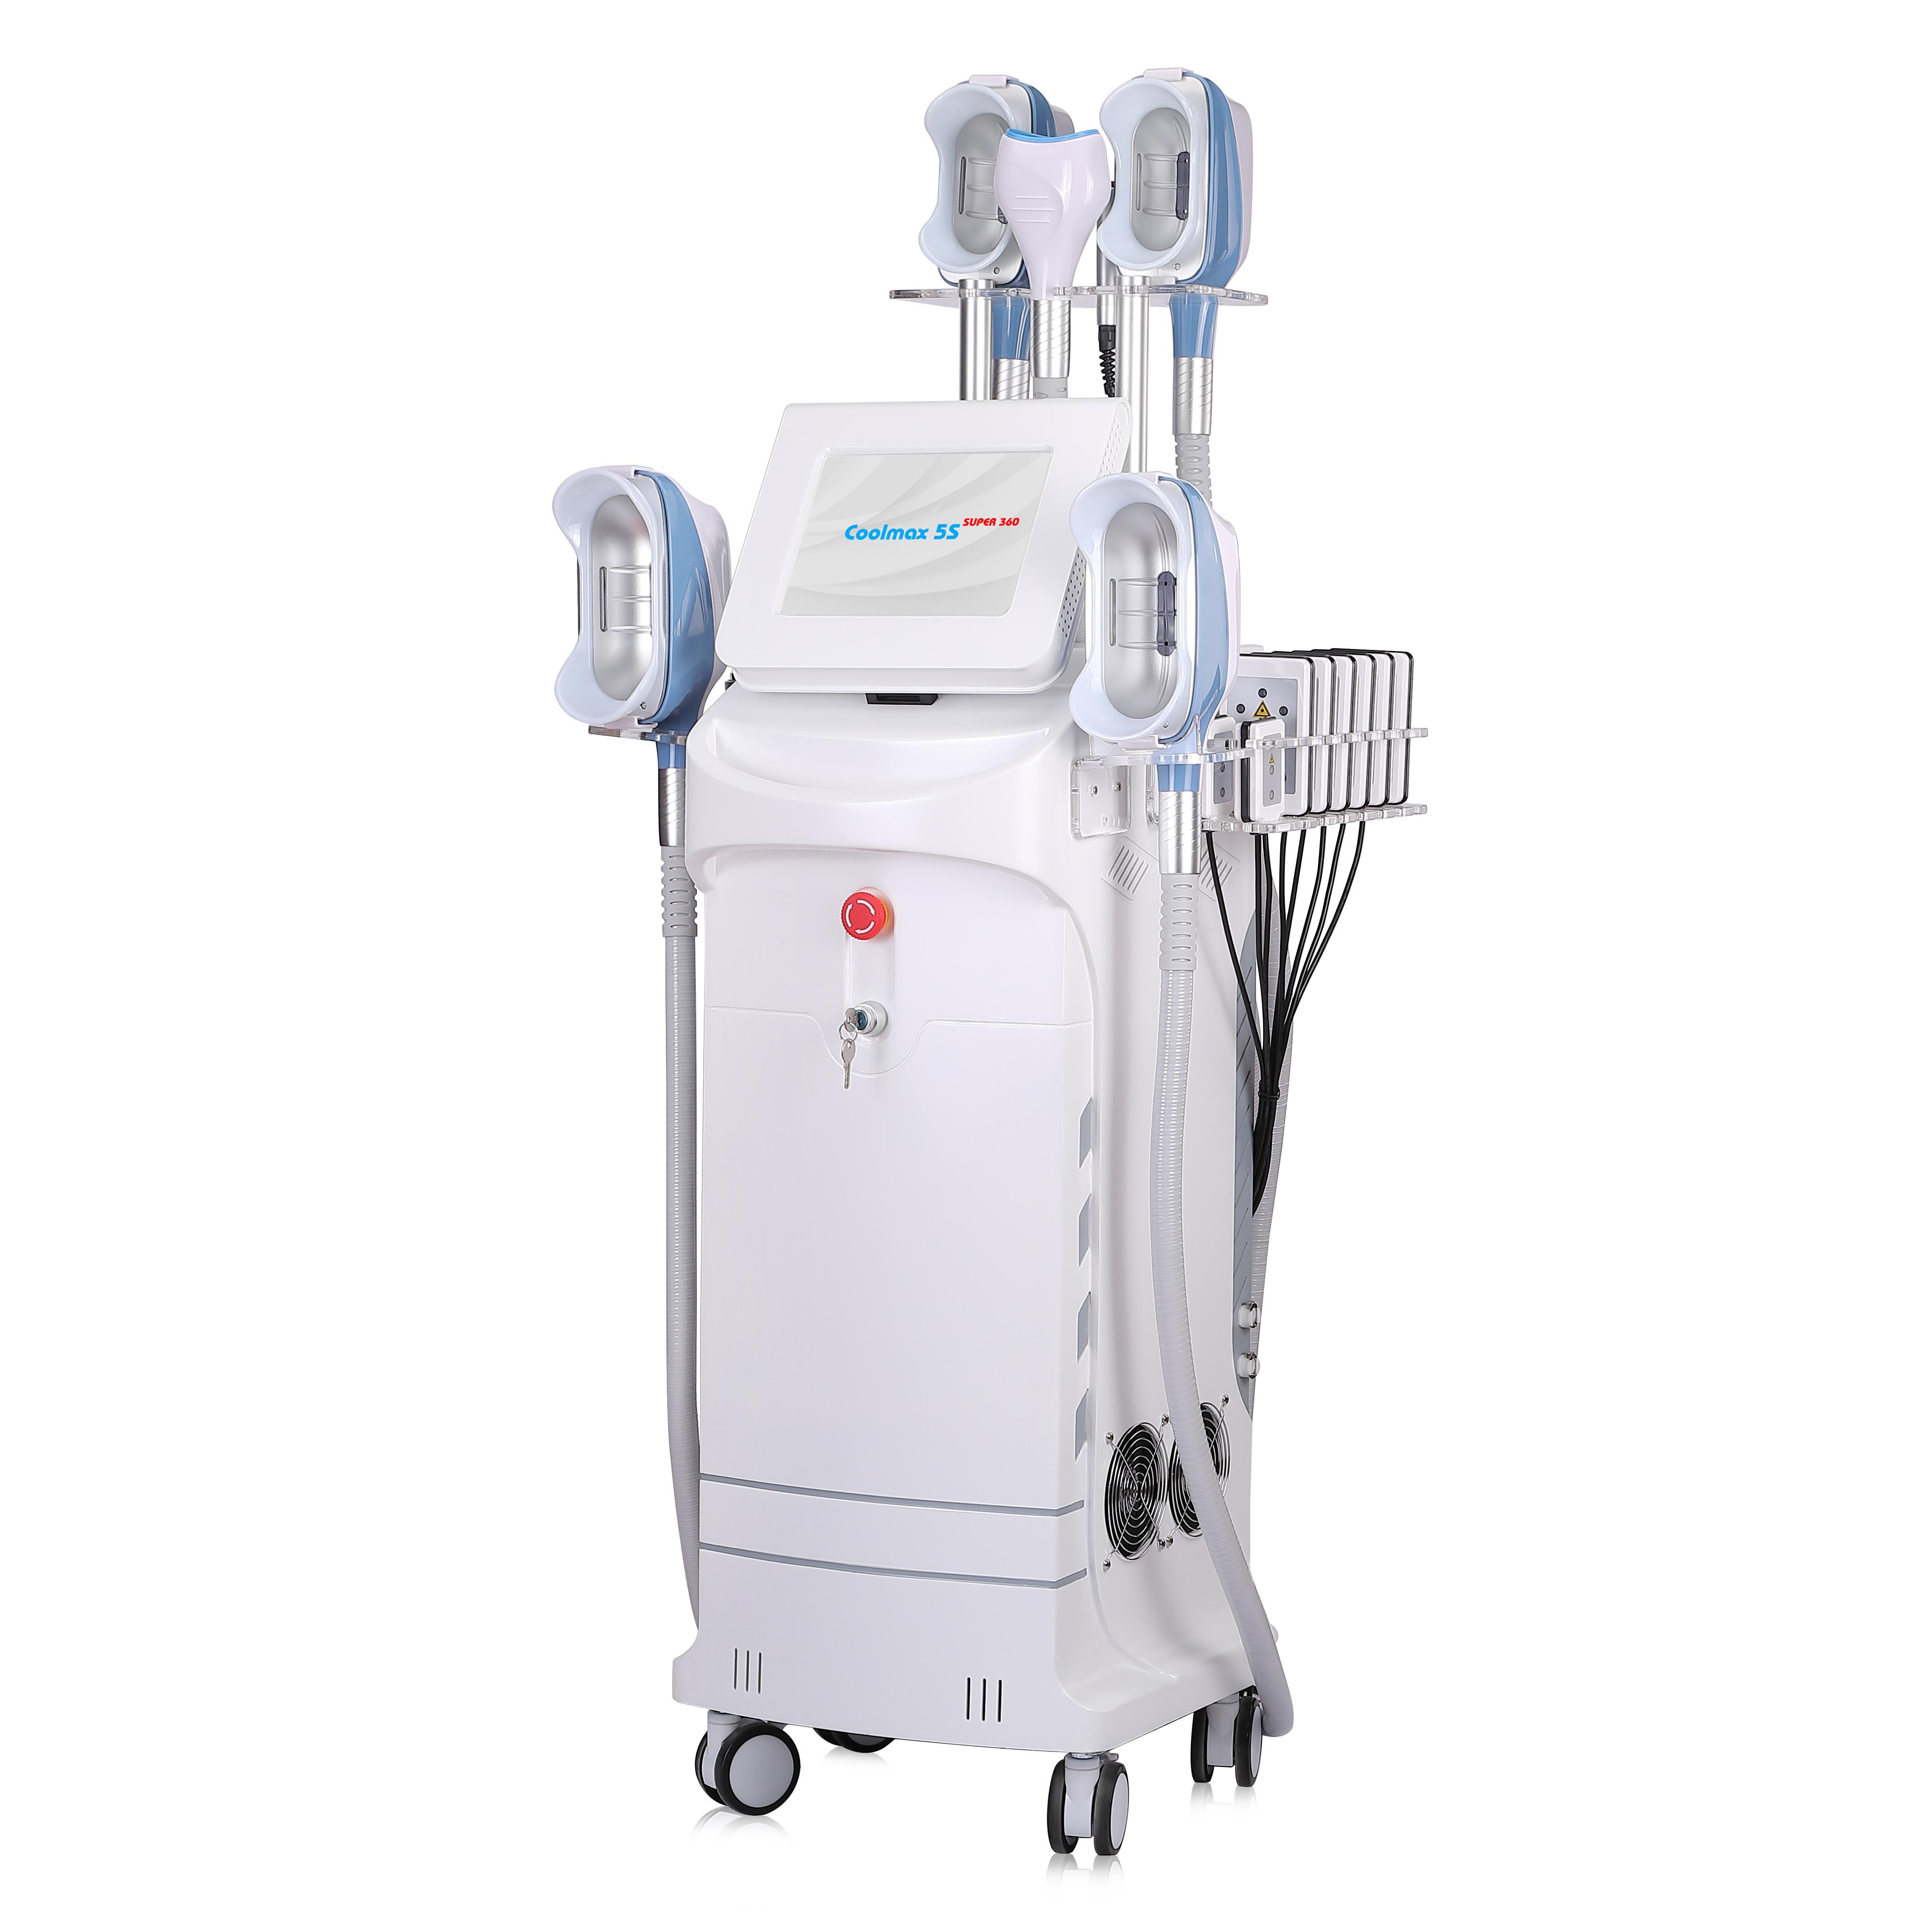 4 مقبض العمل معا 360 كيبرو الدهون آلة التجميد cryolipolysis الجسم التخسيس آلة مزدوجة الذقن معدات تدليك الجلد